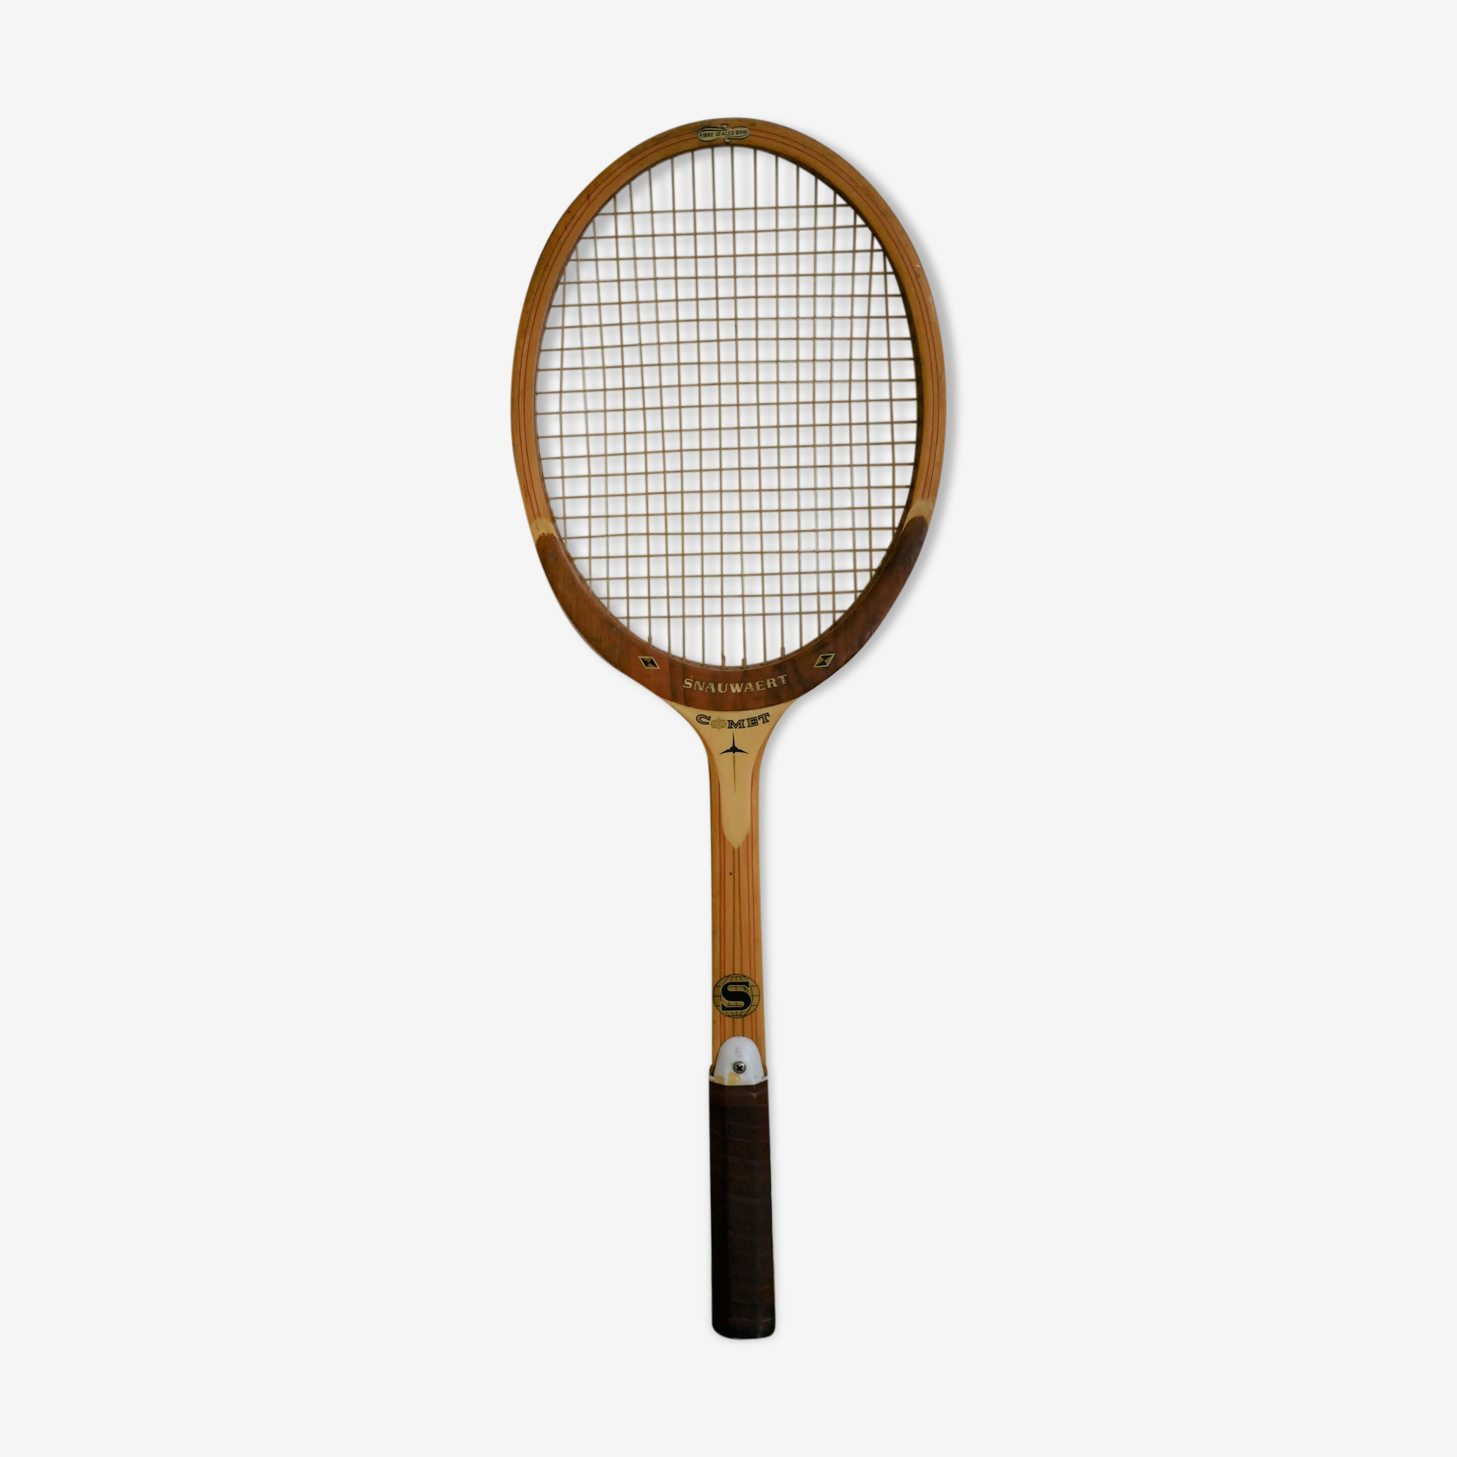 Raquette de tennis Snauwaert made in Belgium